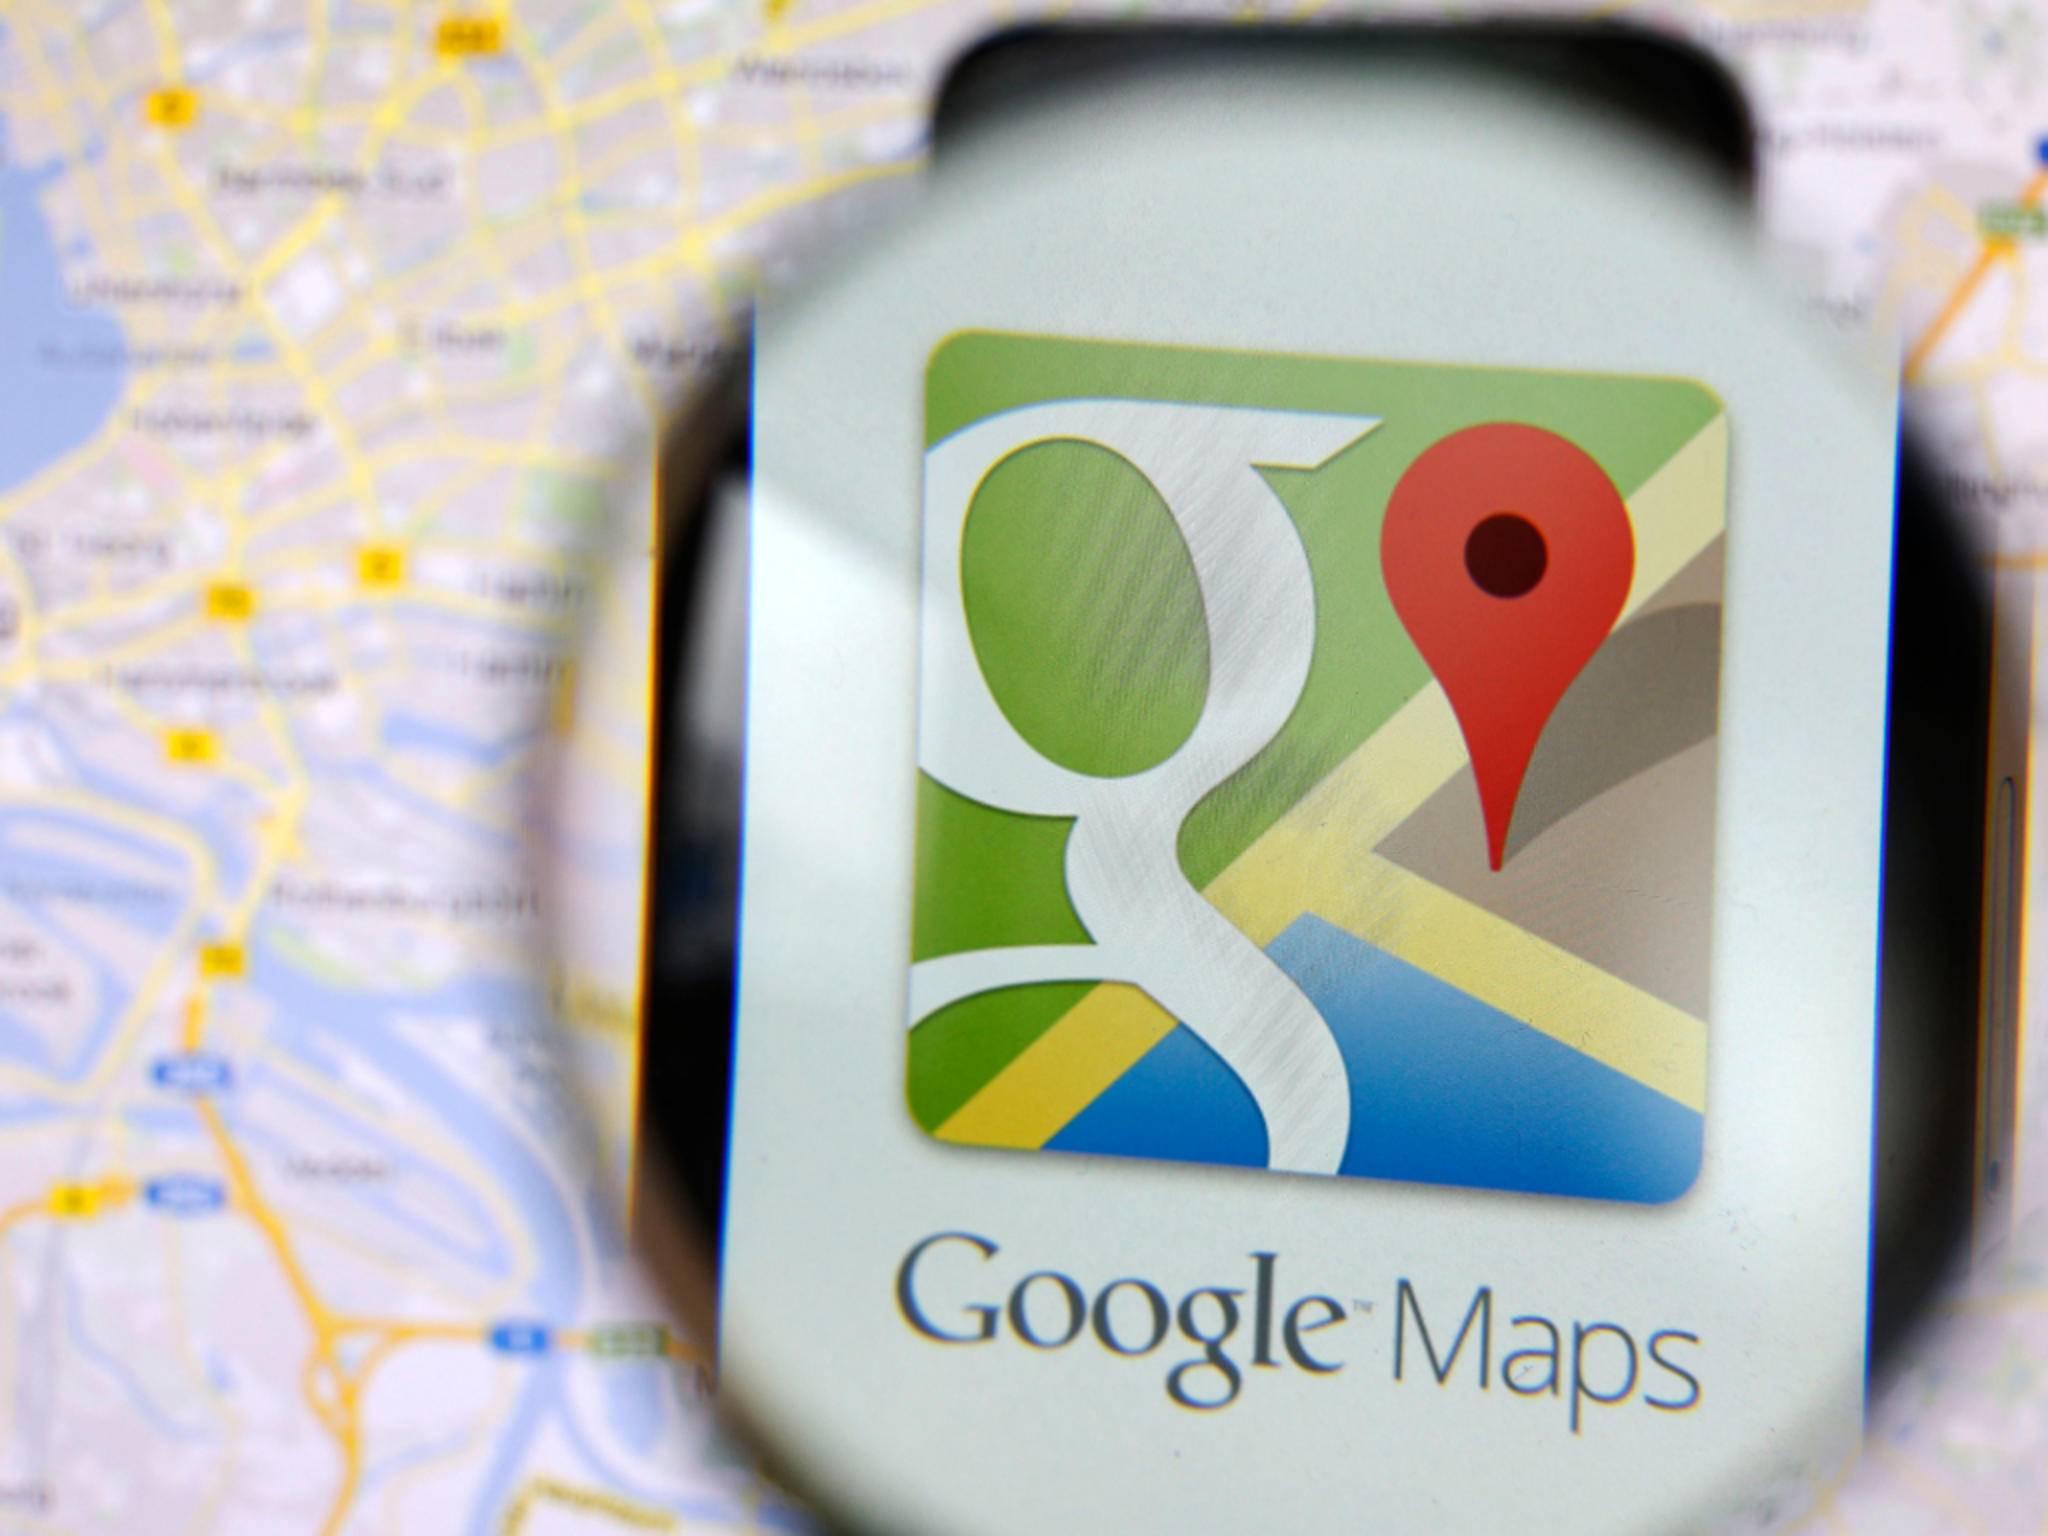 Google Maps soll Reiseziele in Zukunft eigenständig erkennen können.